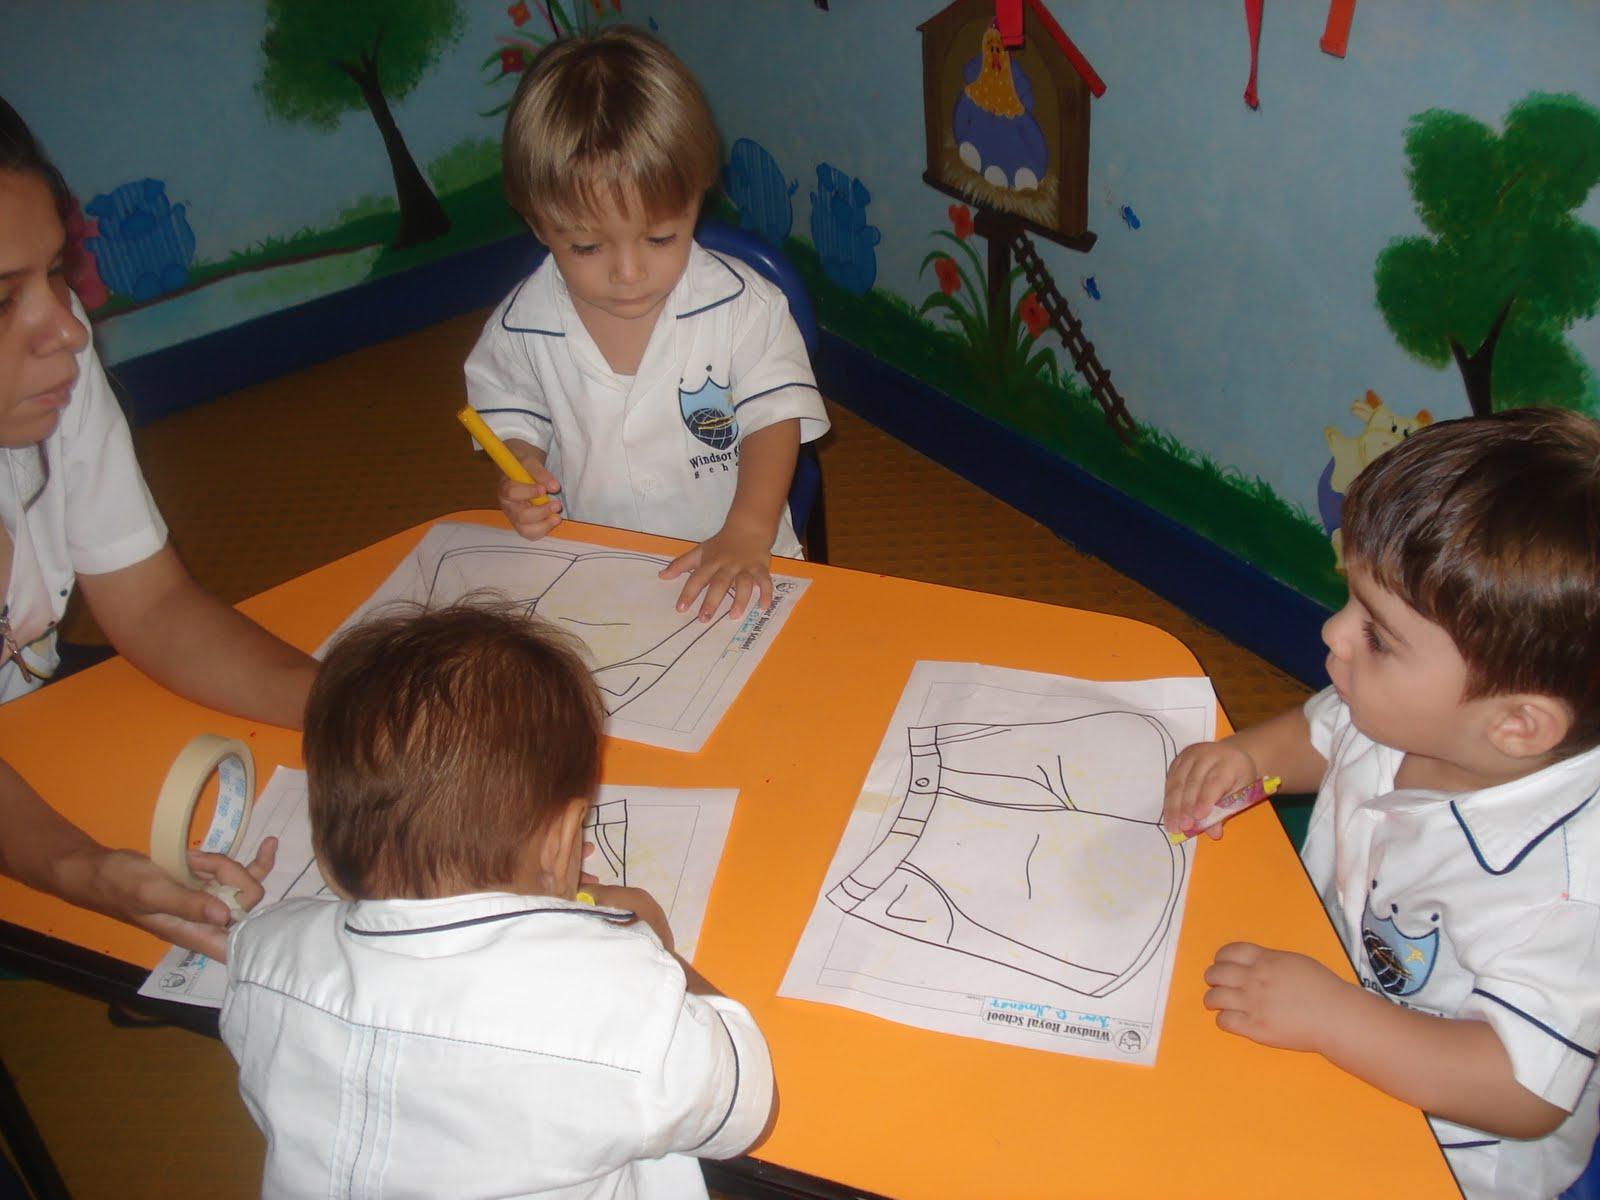 initial nursery actividades realizadas en el salon de clases